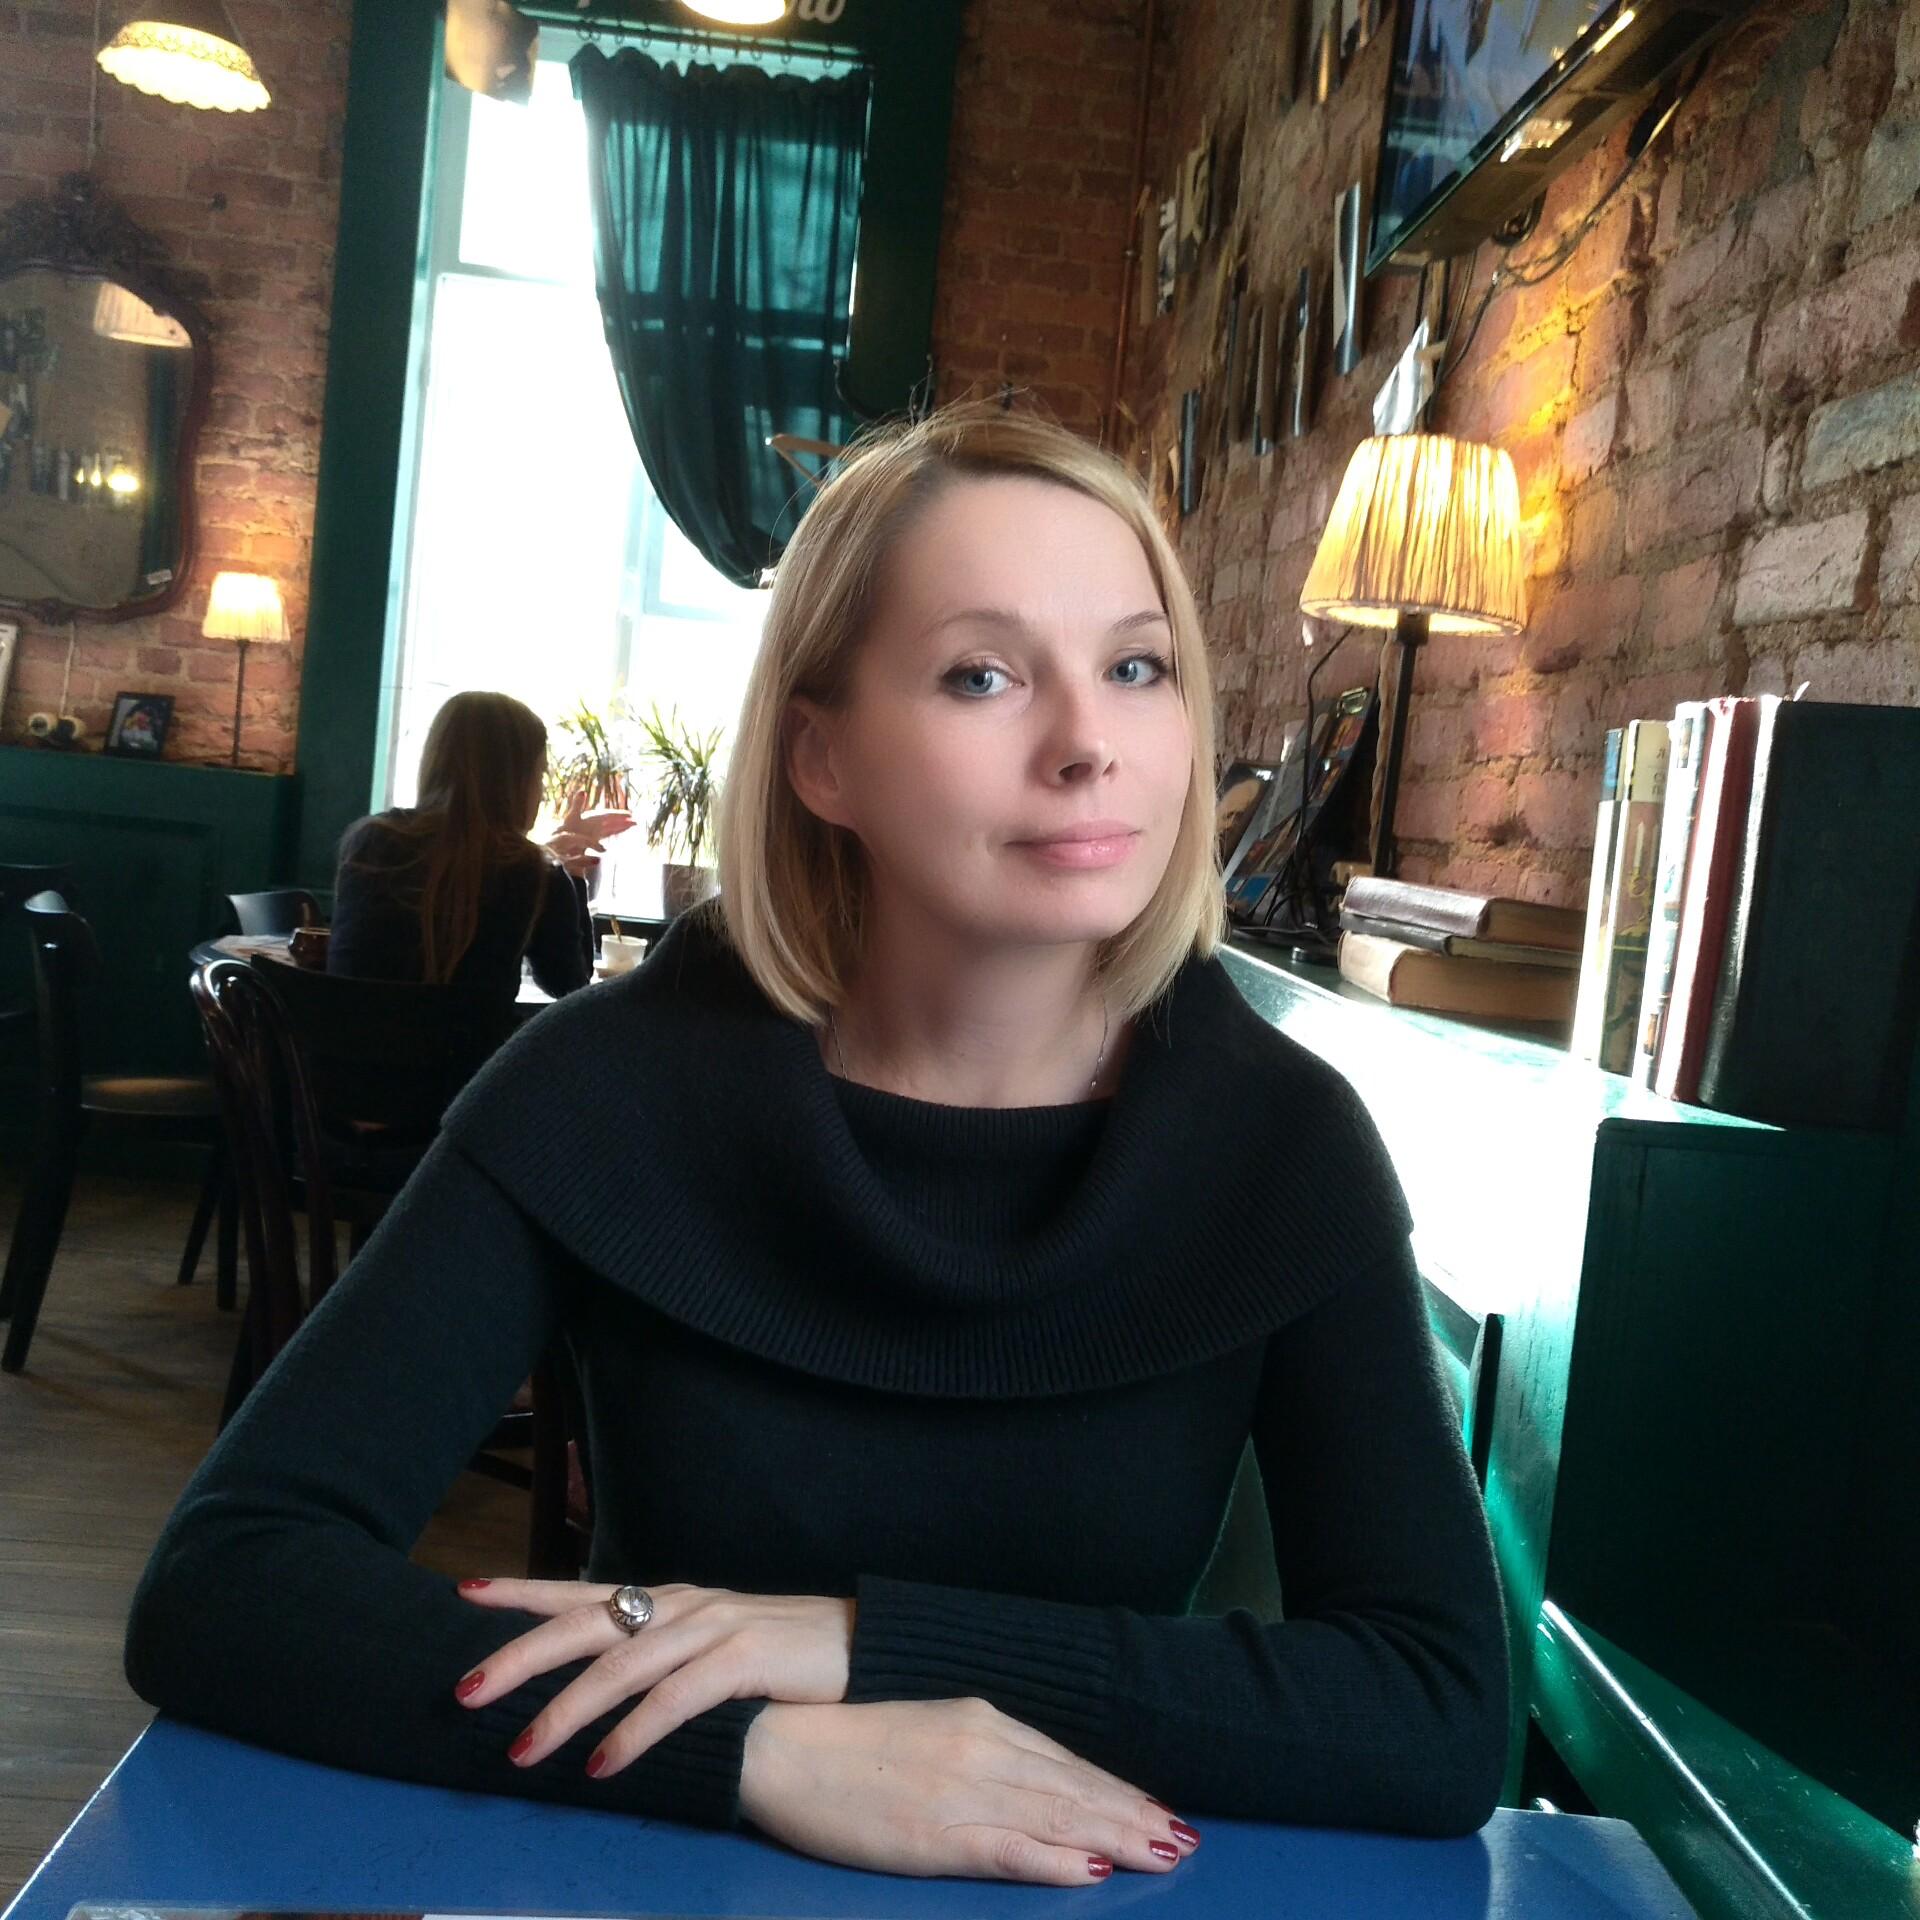 Русское порно видео онлайн, бесплатная порнушка с русскими актерами